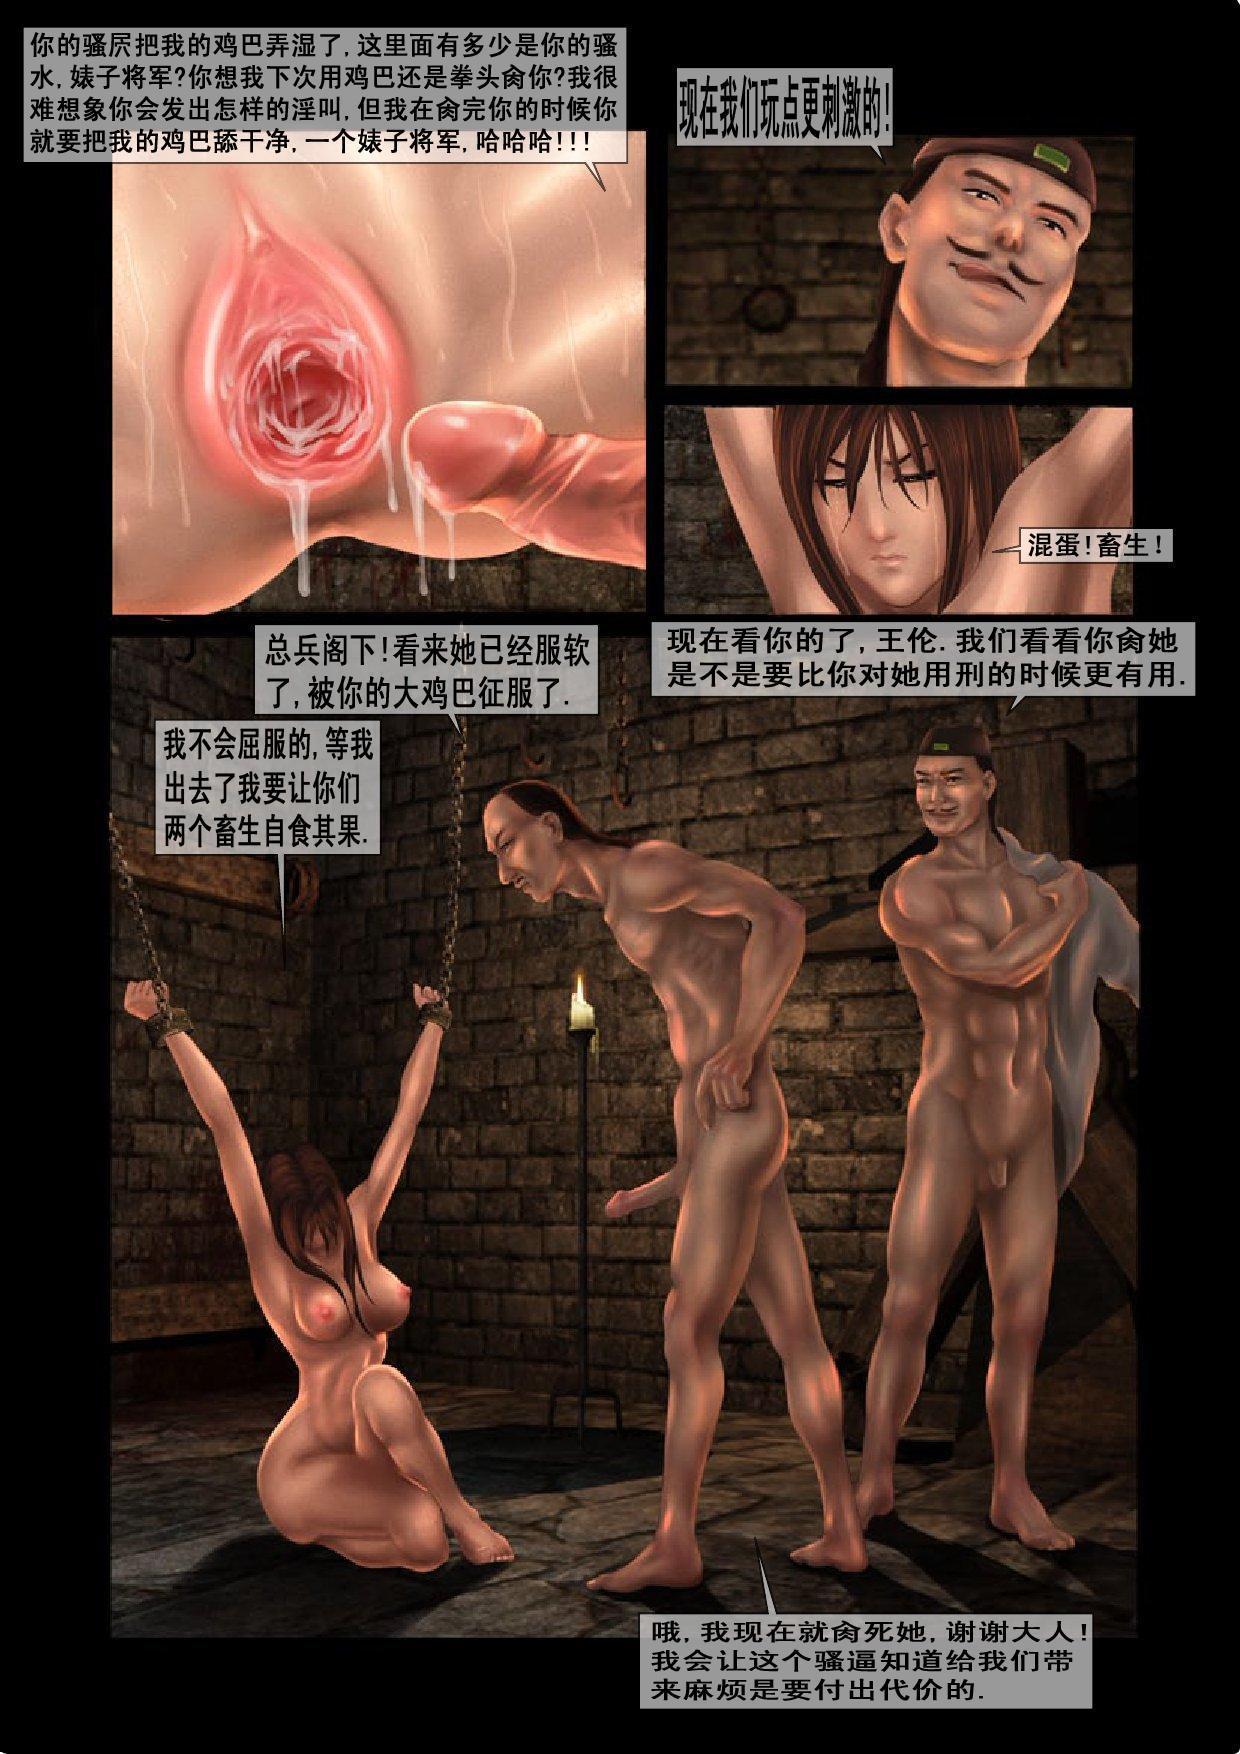 中国军阀的性奴1 19